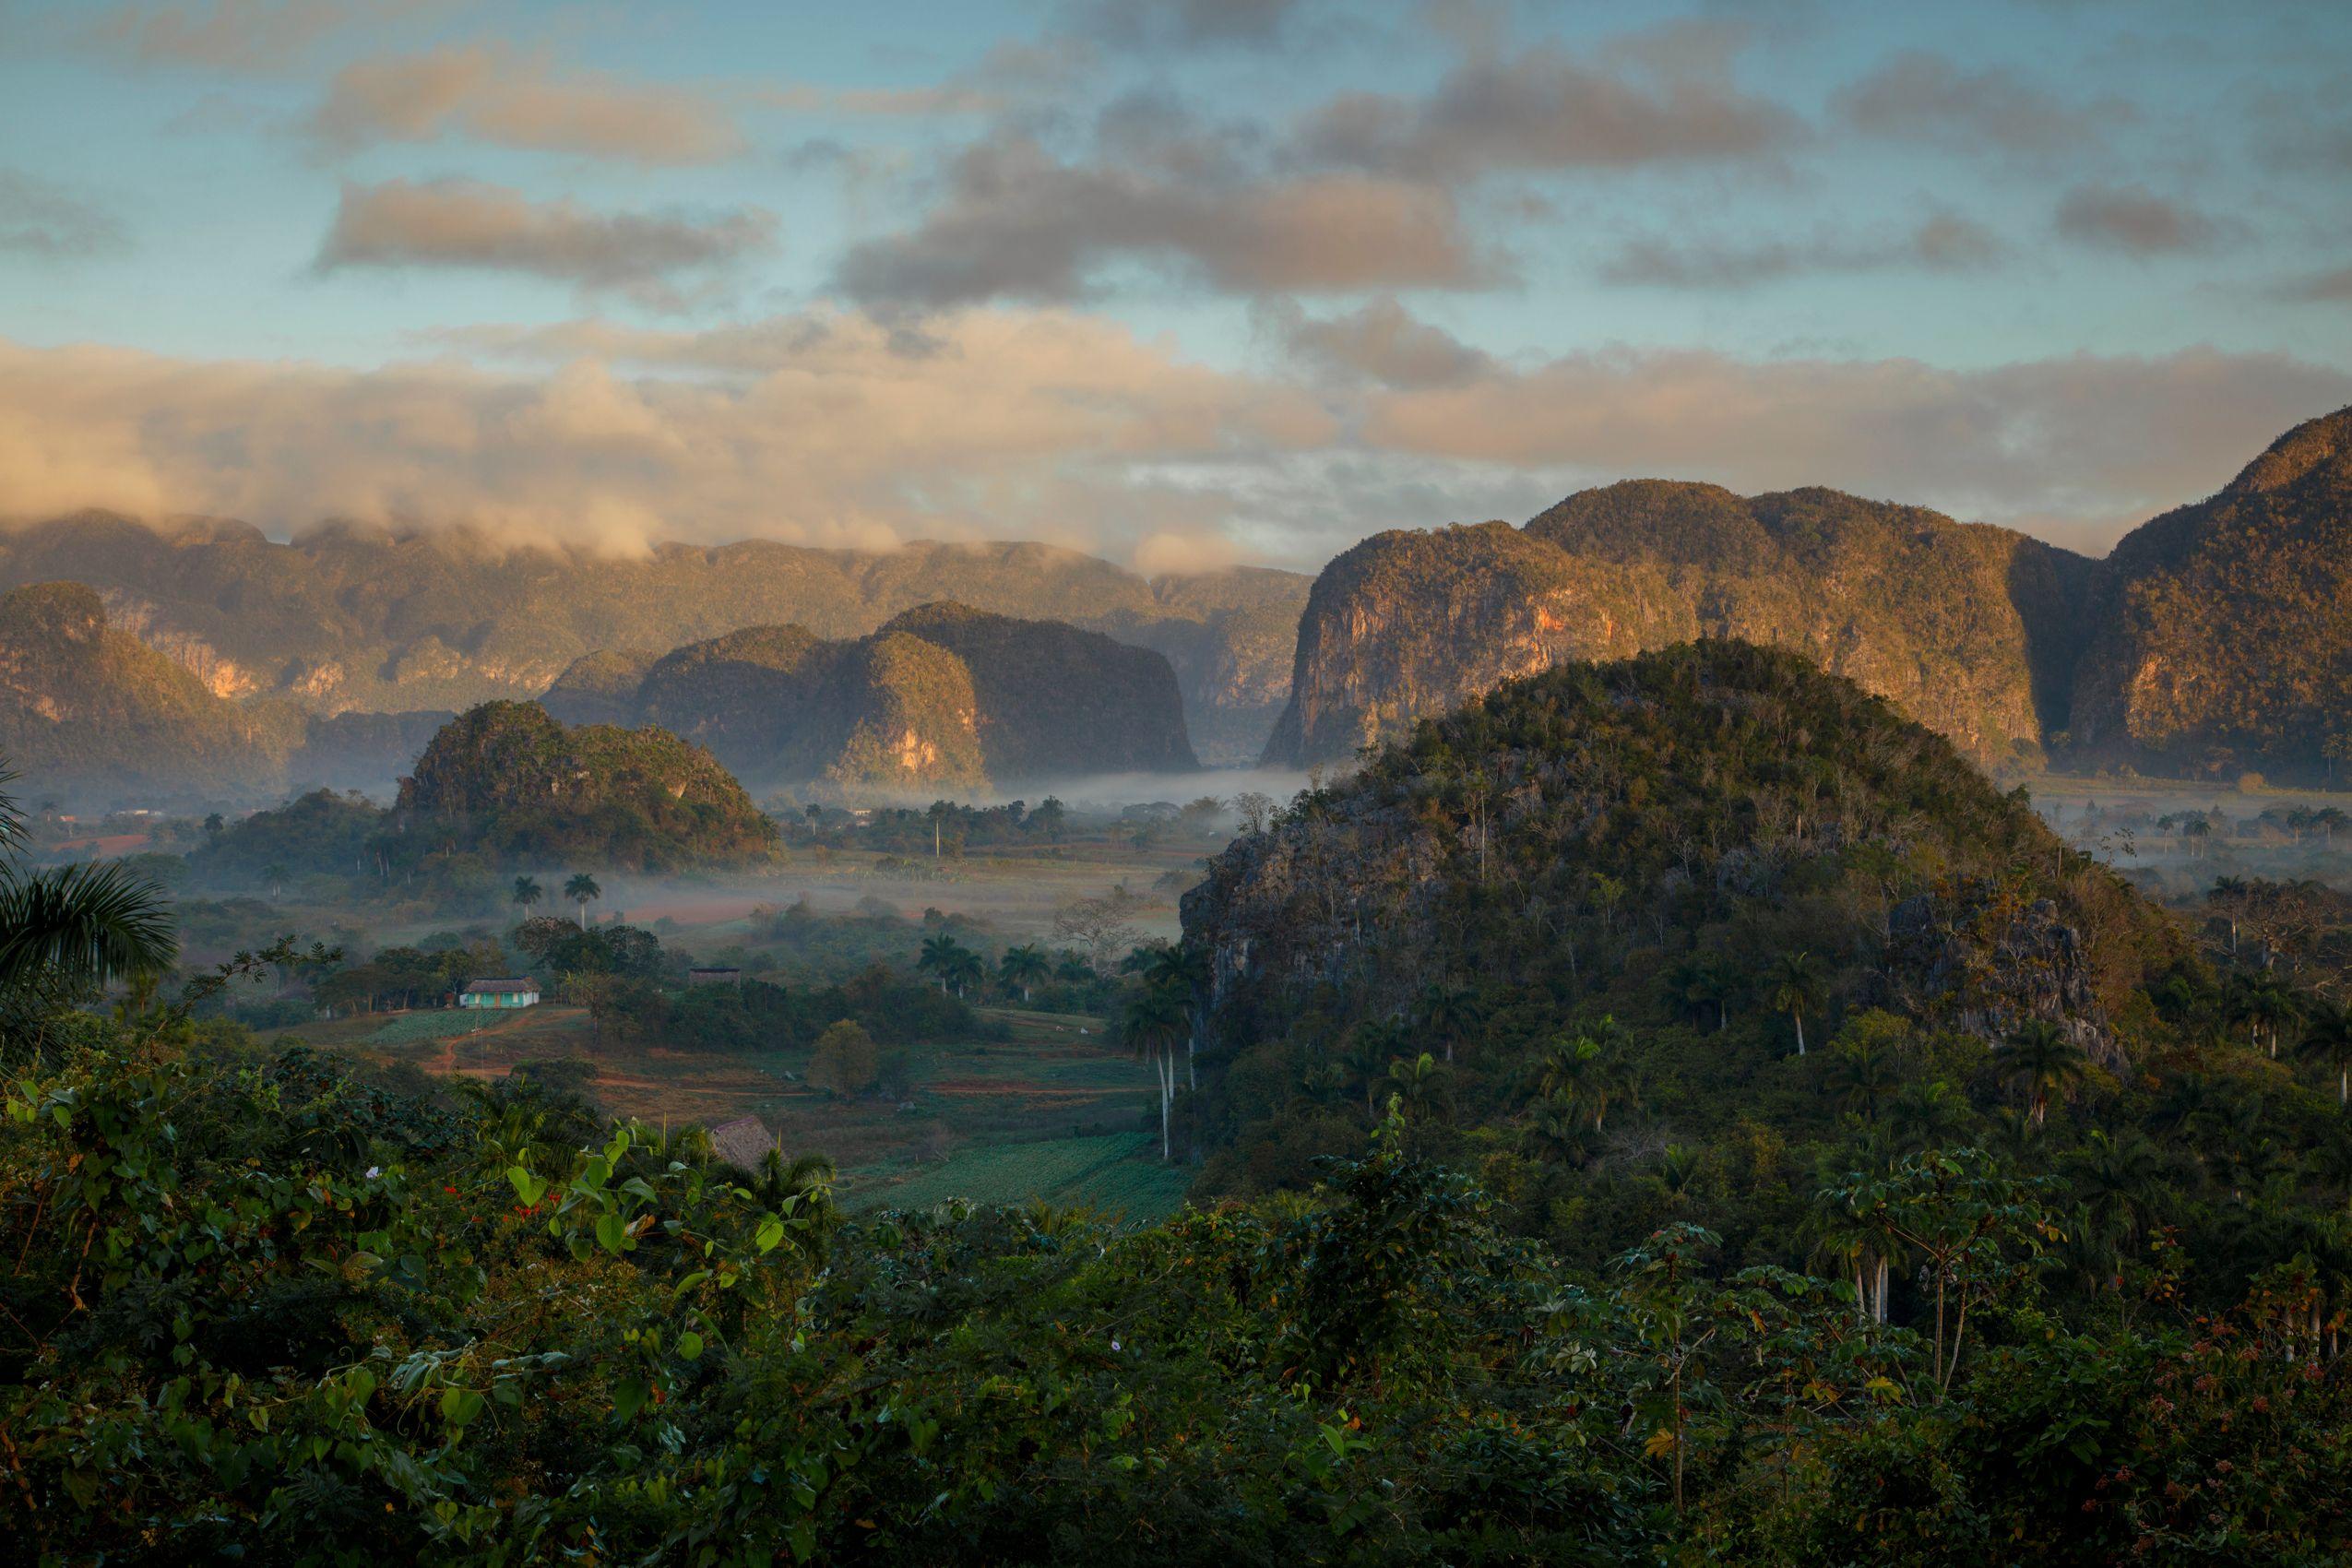 Valle de Vinales. Pinar del Rio Province. Cuba.